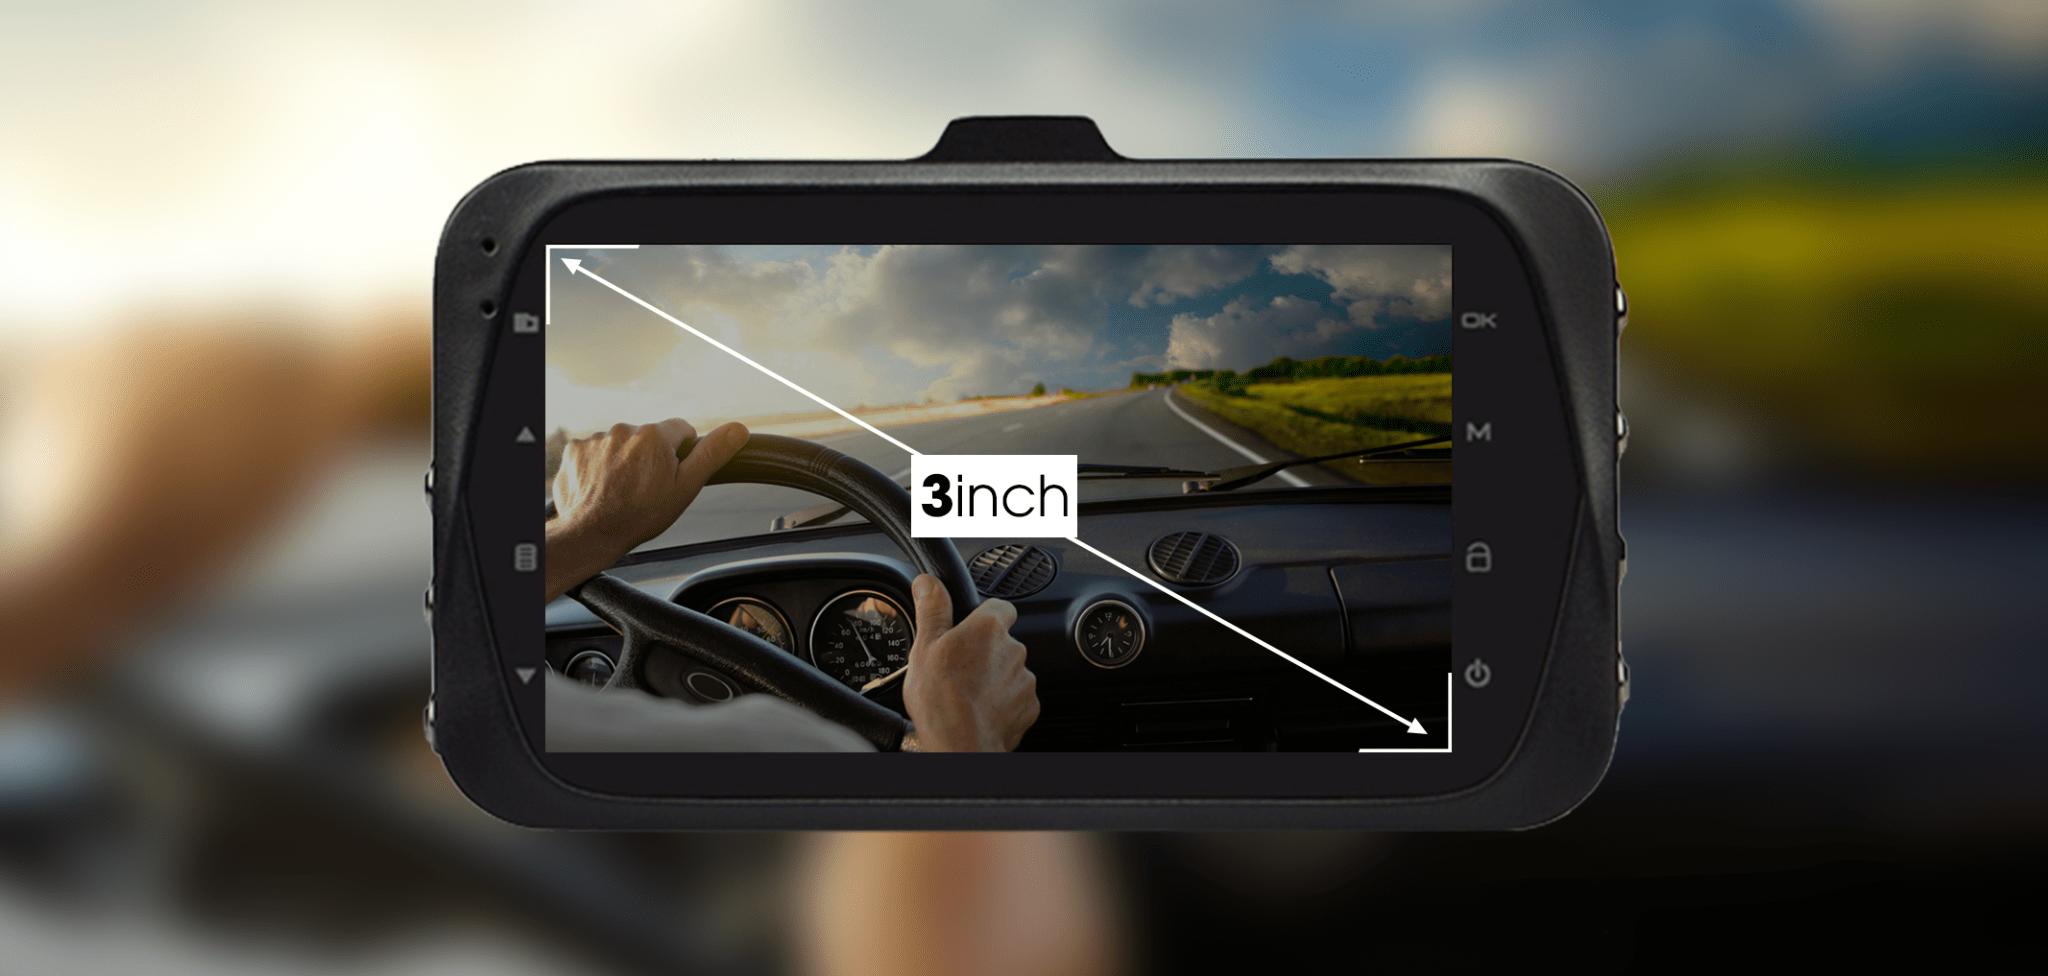 Màn hình LCD 3 inch của camera hành trình ô tô D168